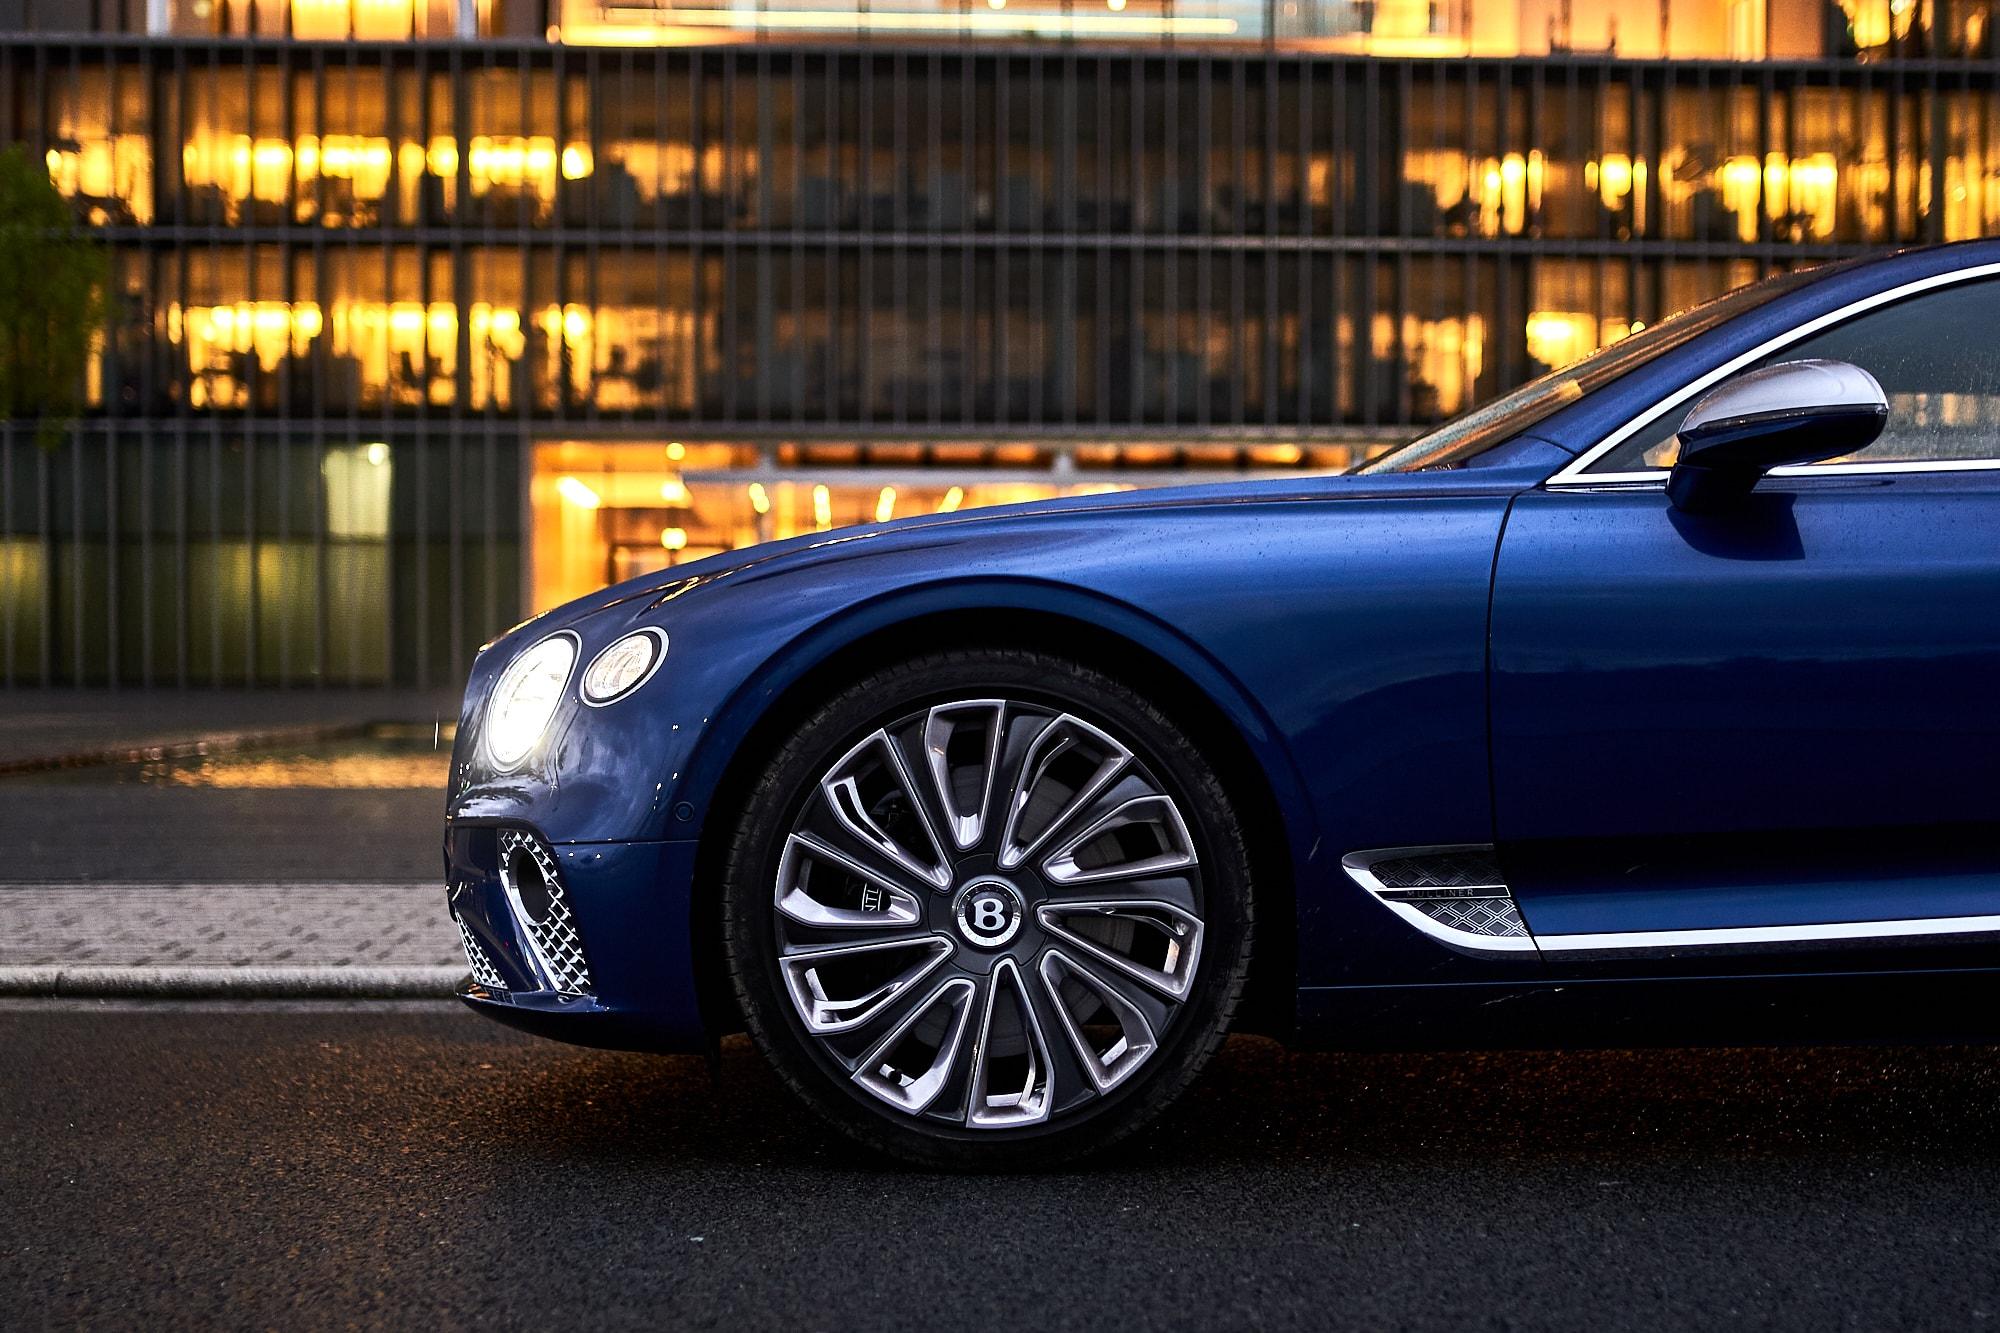 Der Bentley Continental GT Mulliner: Wenn Automobilbau und handwerkliche Präzision zur Kunst verschmelzen 6